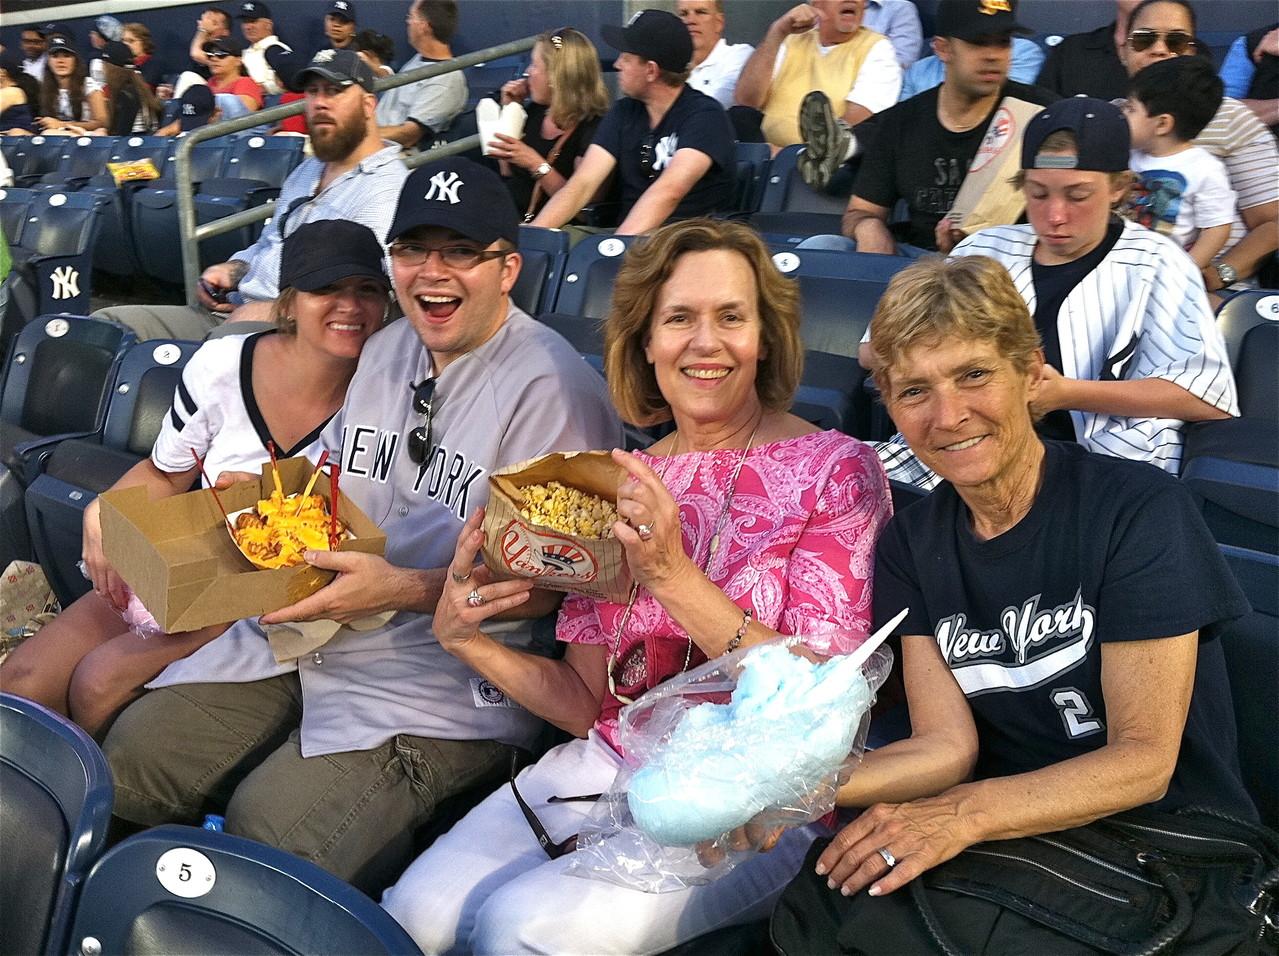 Katie, Jonathan, Lorraine, and Sue Theisen